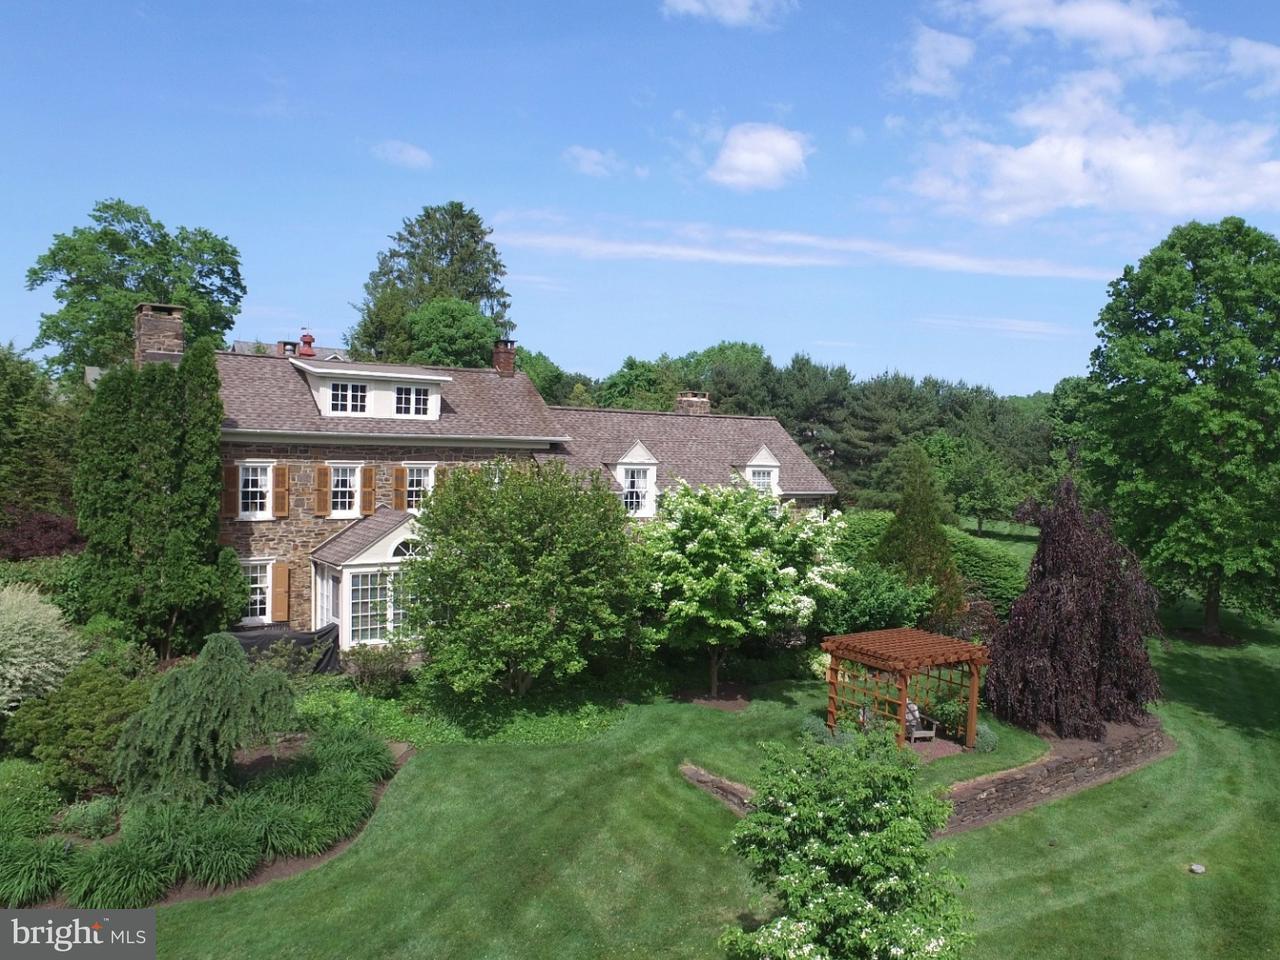 Частный односемейный дом для того Продажа на 937 MACCLESFIELD Road Furlong, Пенсильвания 18925 Соединенные Штаты